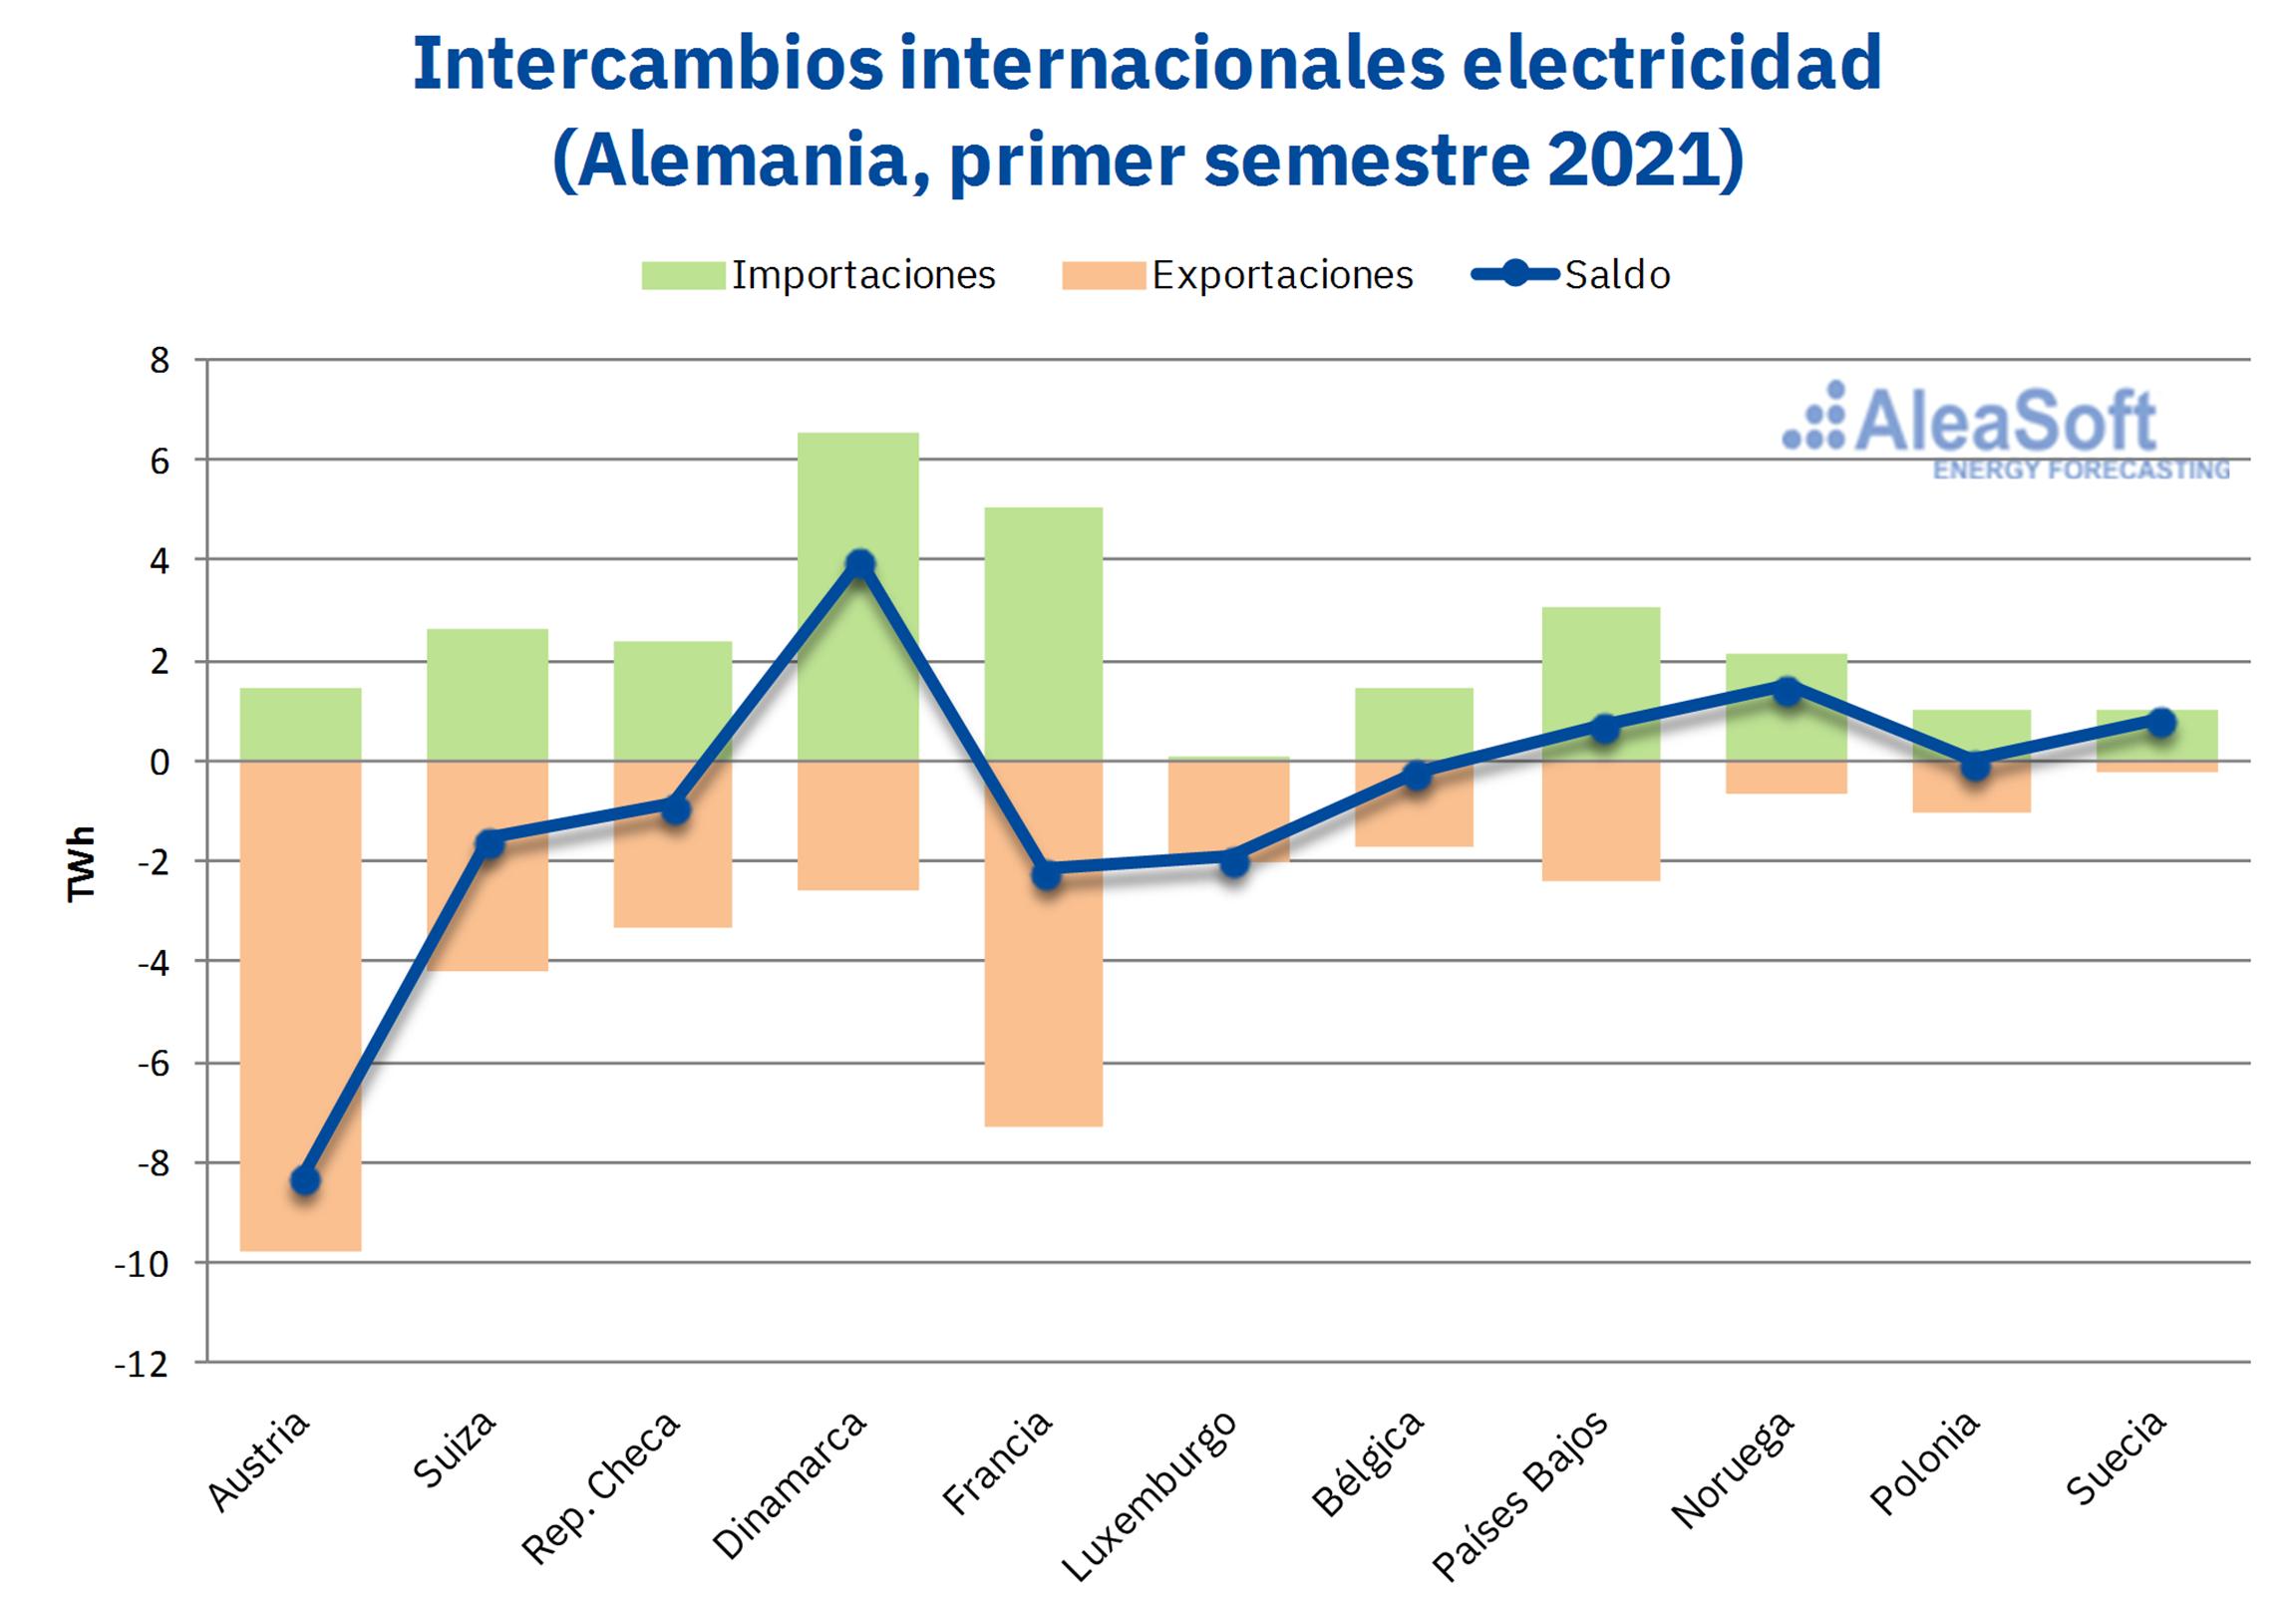 AleaSoft - intercambios internacionales electricidad alemania